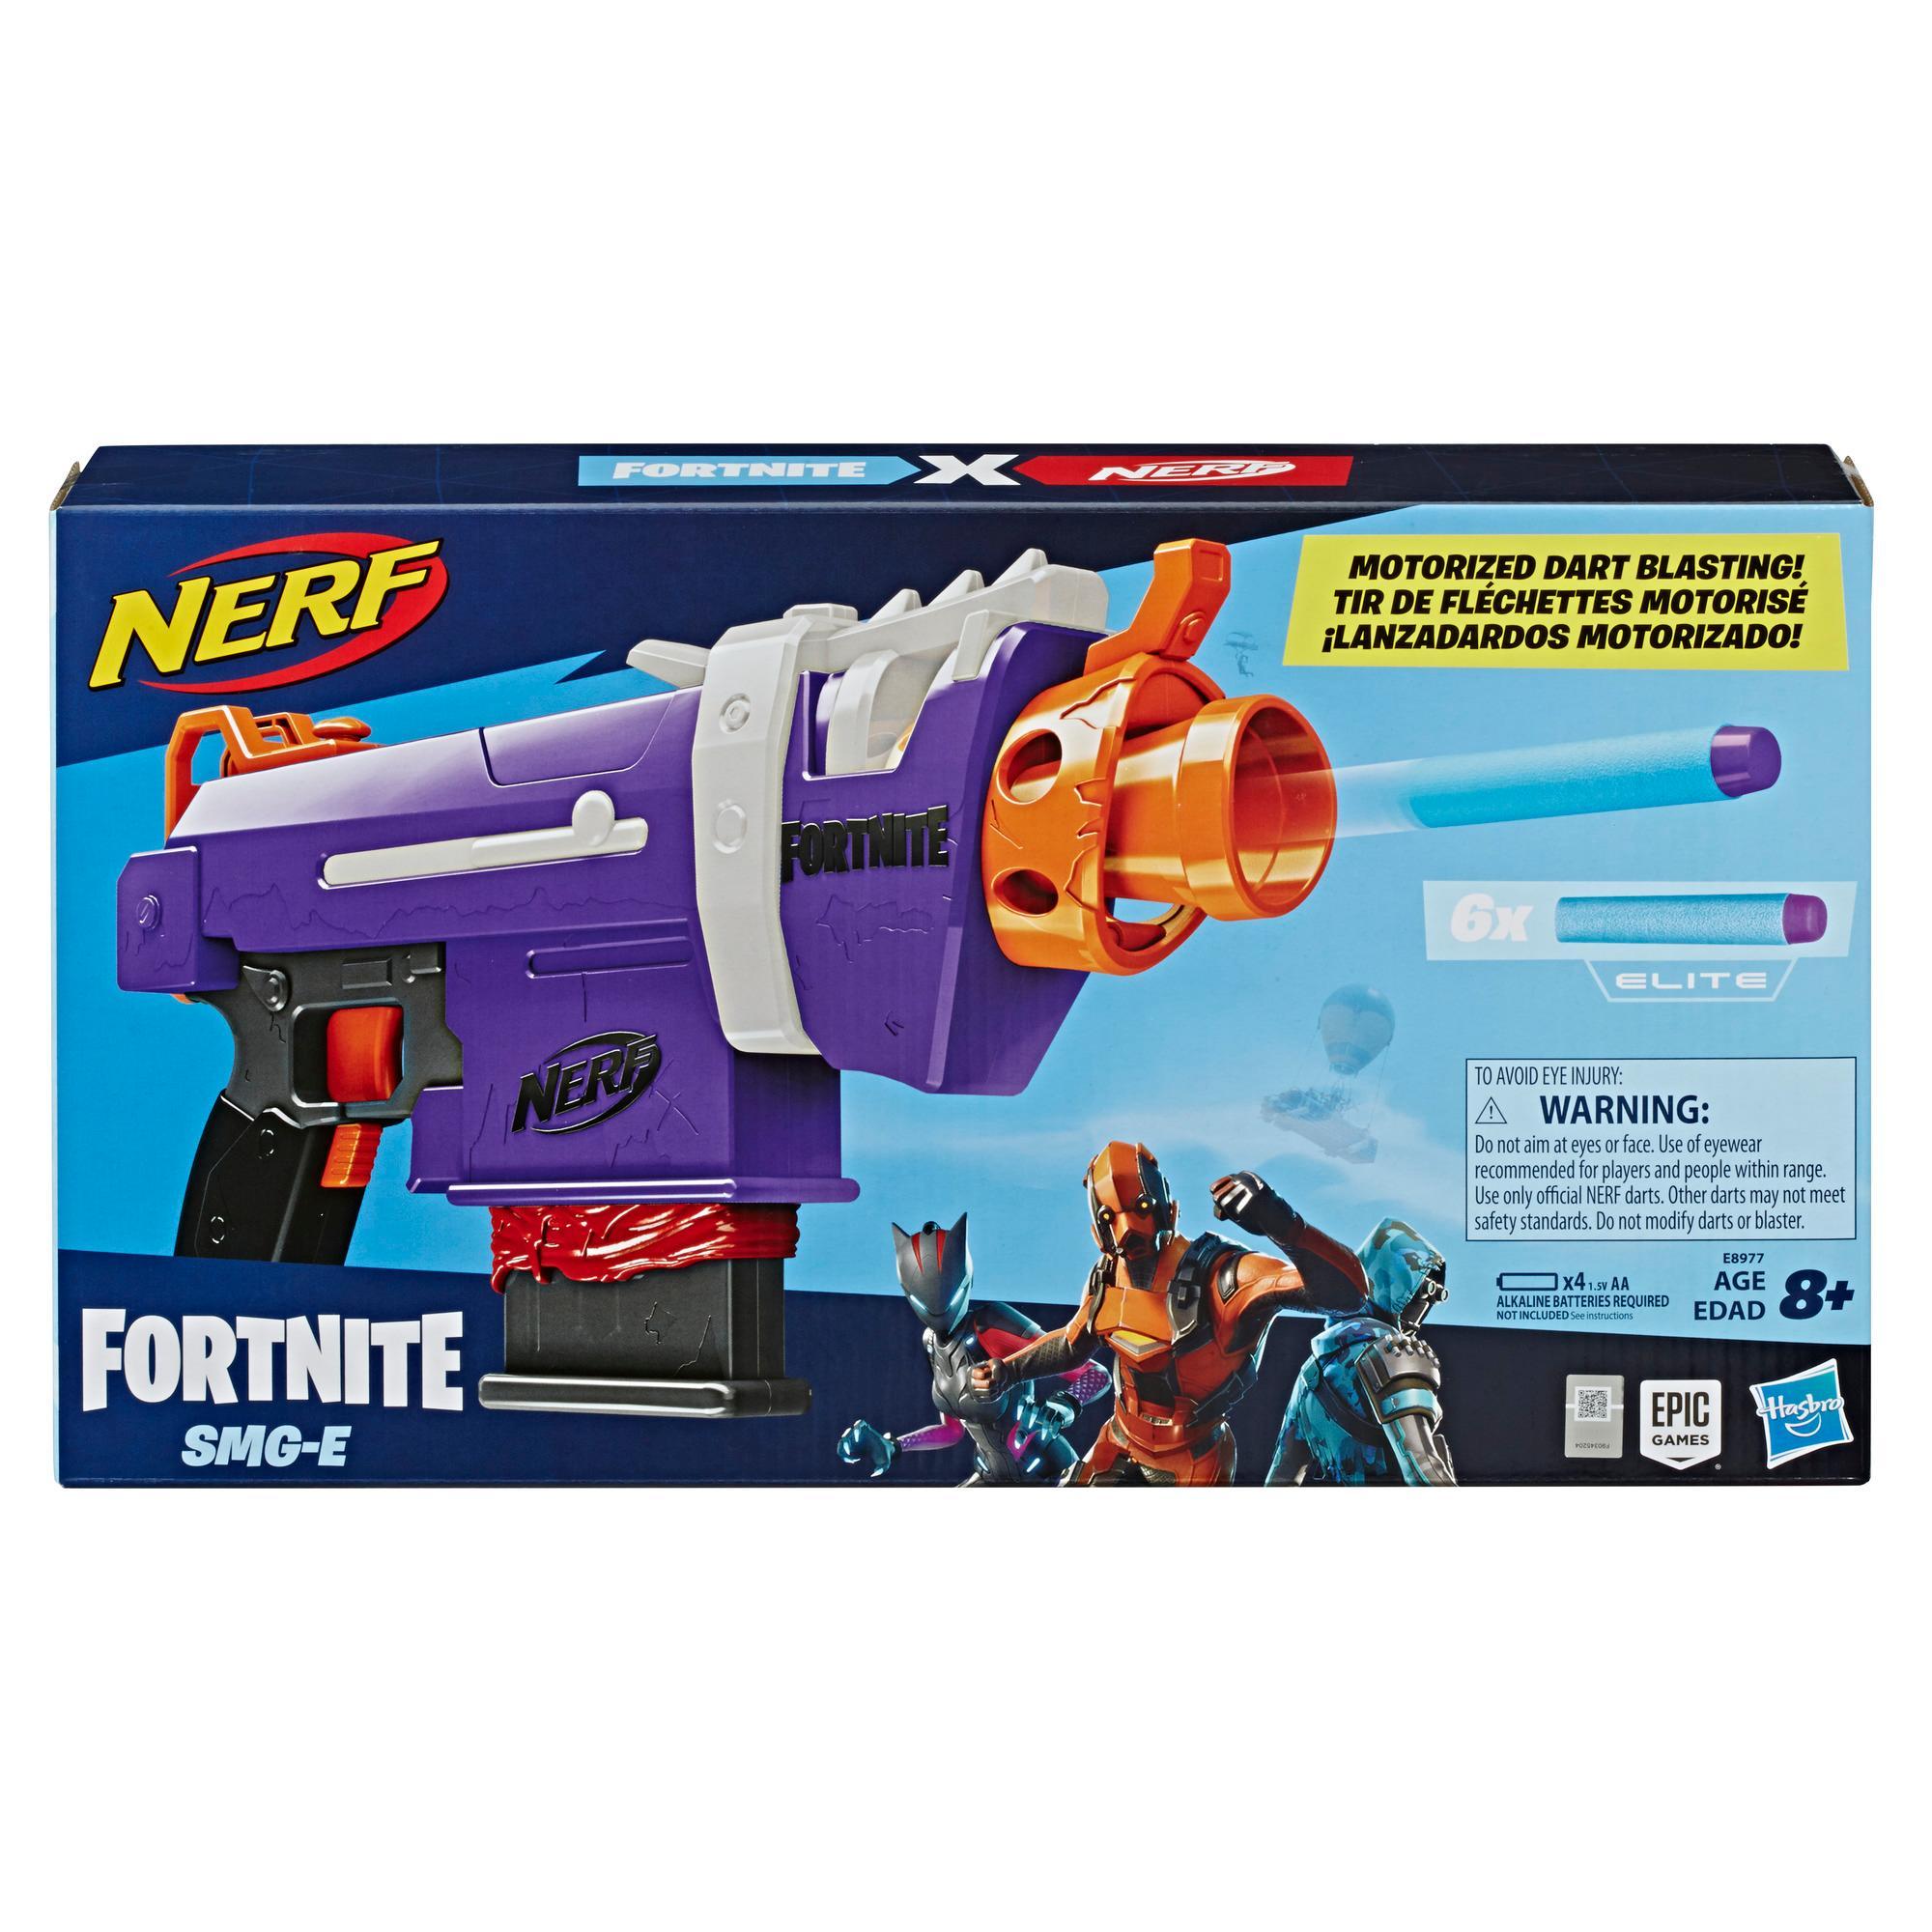 NERF FORTNITE SMG E8977 - N50220